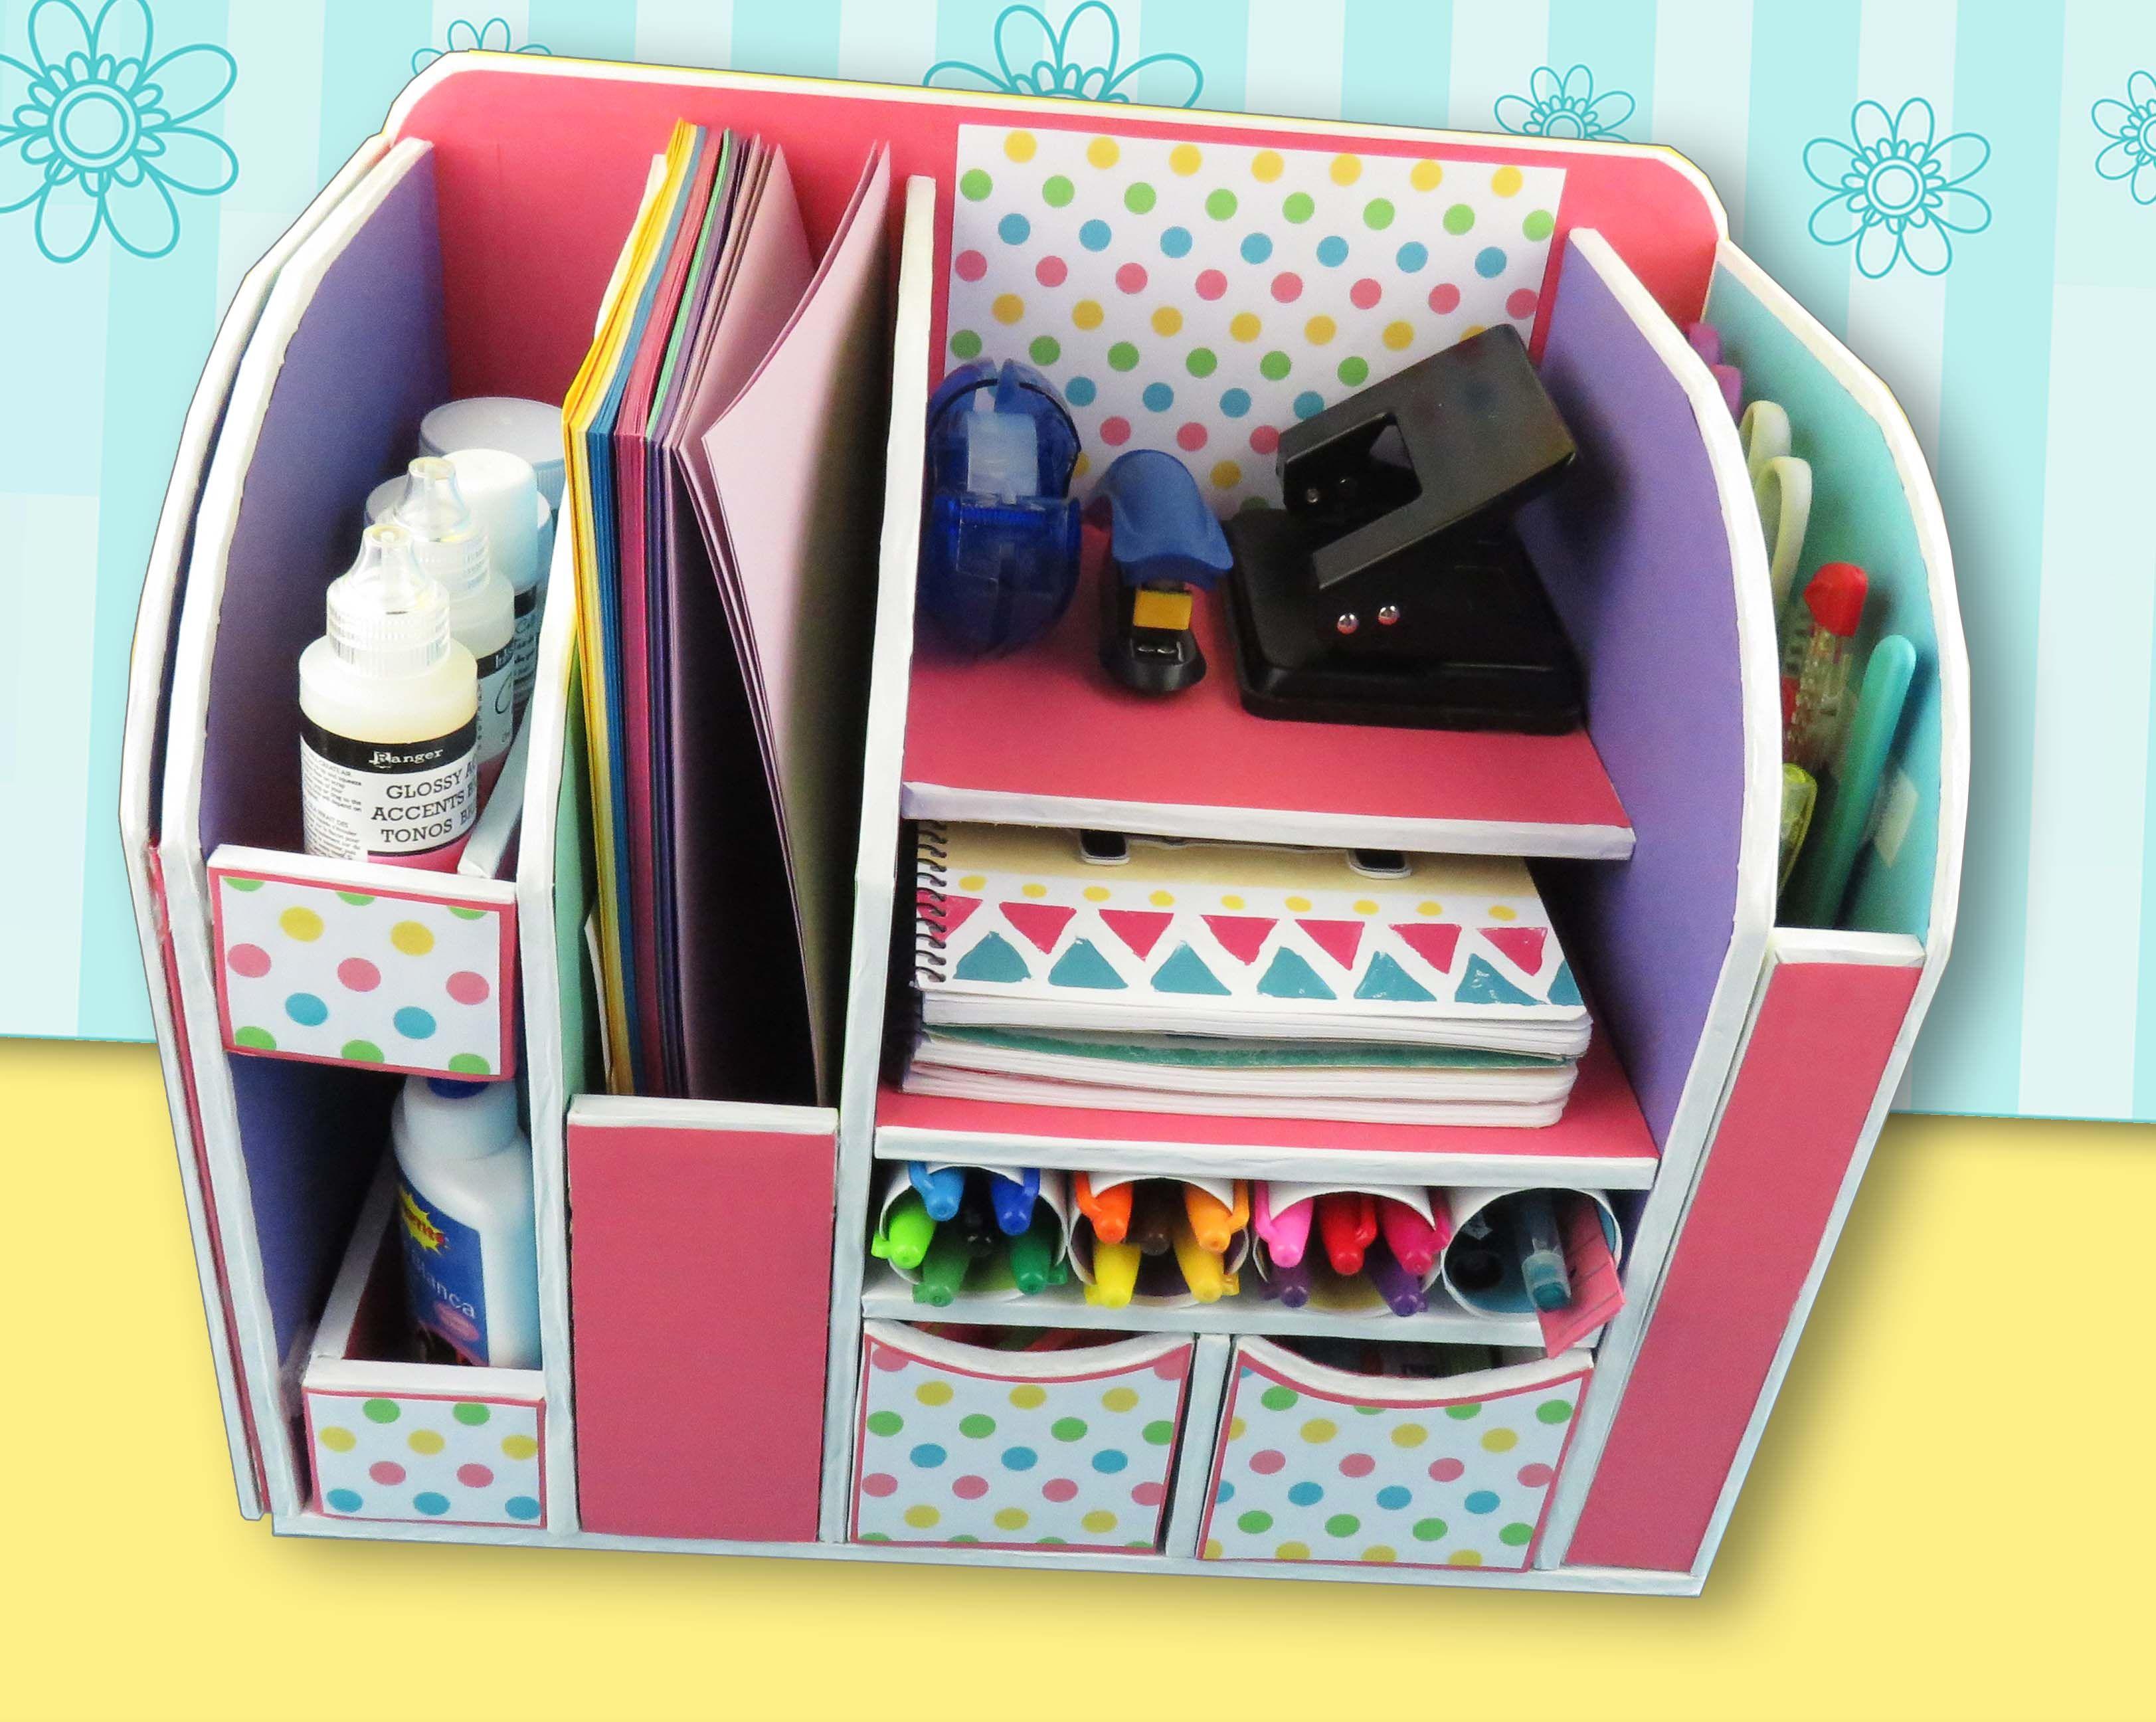 Organizador de escritorio en cart n manualidades apasos - Manualidades en carton ...